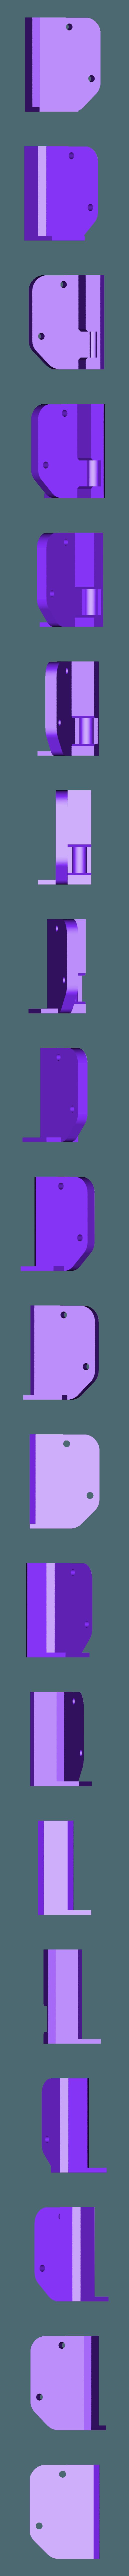 Filamentchecker.STL Télécharger fichier STL gratuit Alarme à filament / capteur • Plan pour impression 3D, MrCrankyface